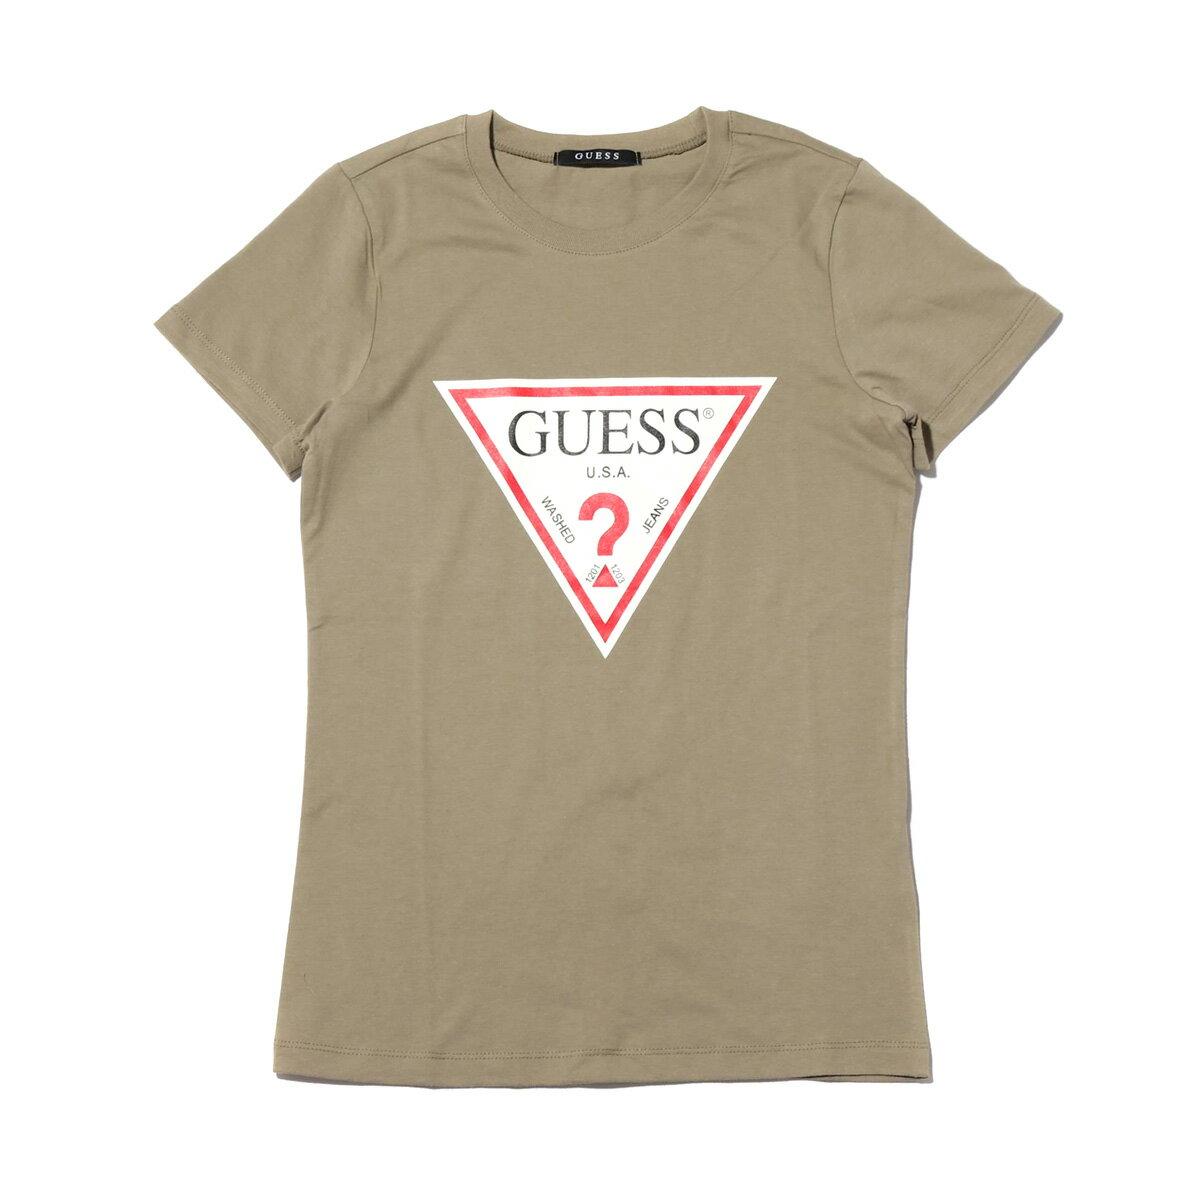 GUESS WMN'S S/SLV LOGO TEE SHIRT(ゲス ウィメンズ ショートスリーブ ロゴ Tシャツ)(KHAKI)【レディース】18SU-I